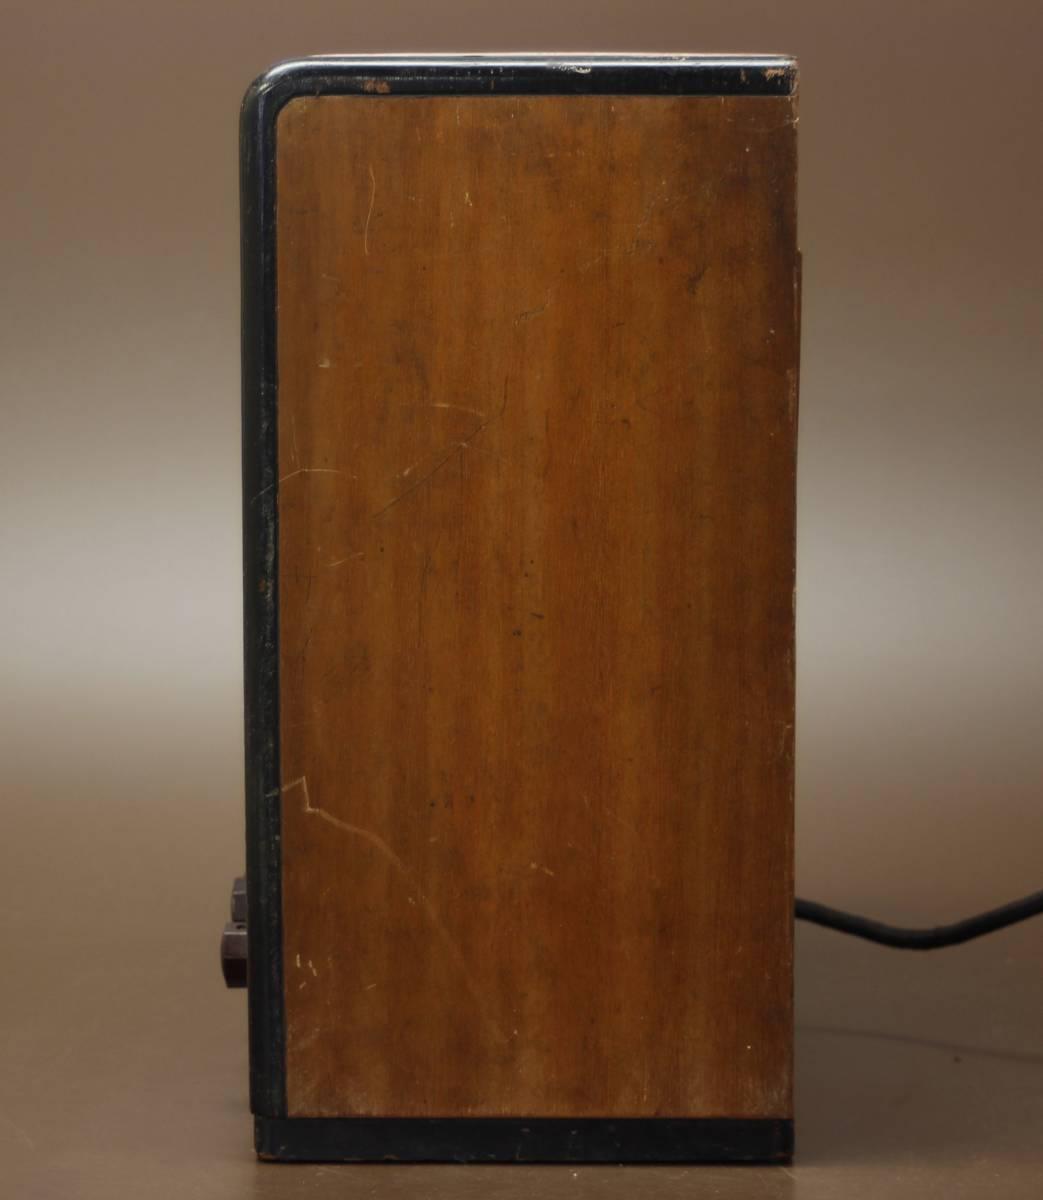 CROWN 480 古い真空管ラジオ ジャンク クラウン_画像3